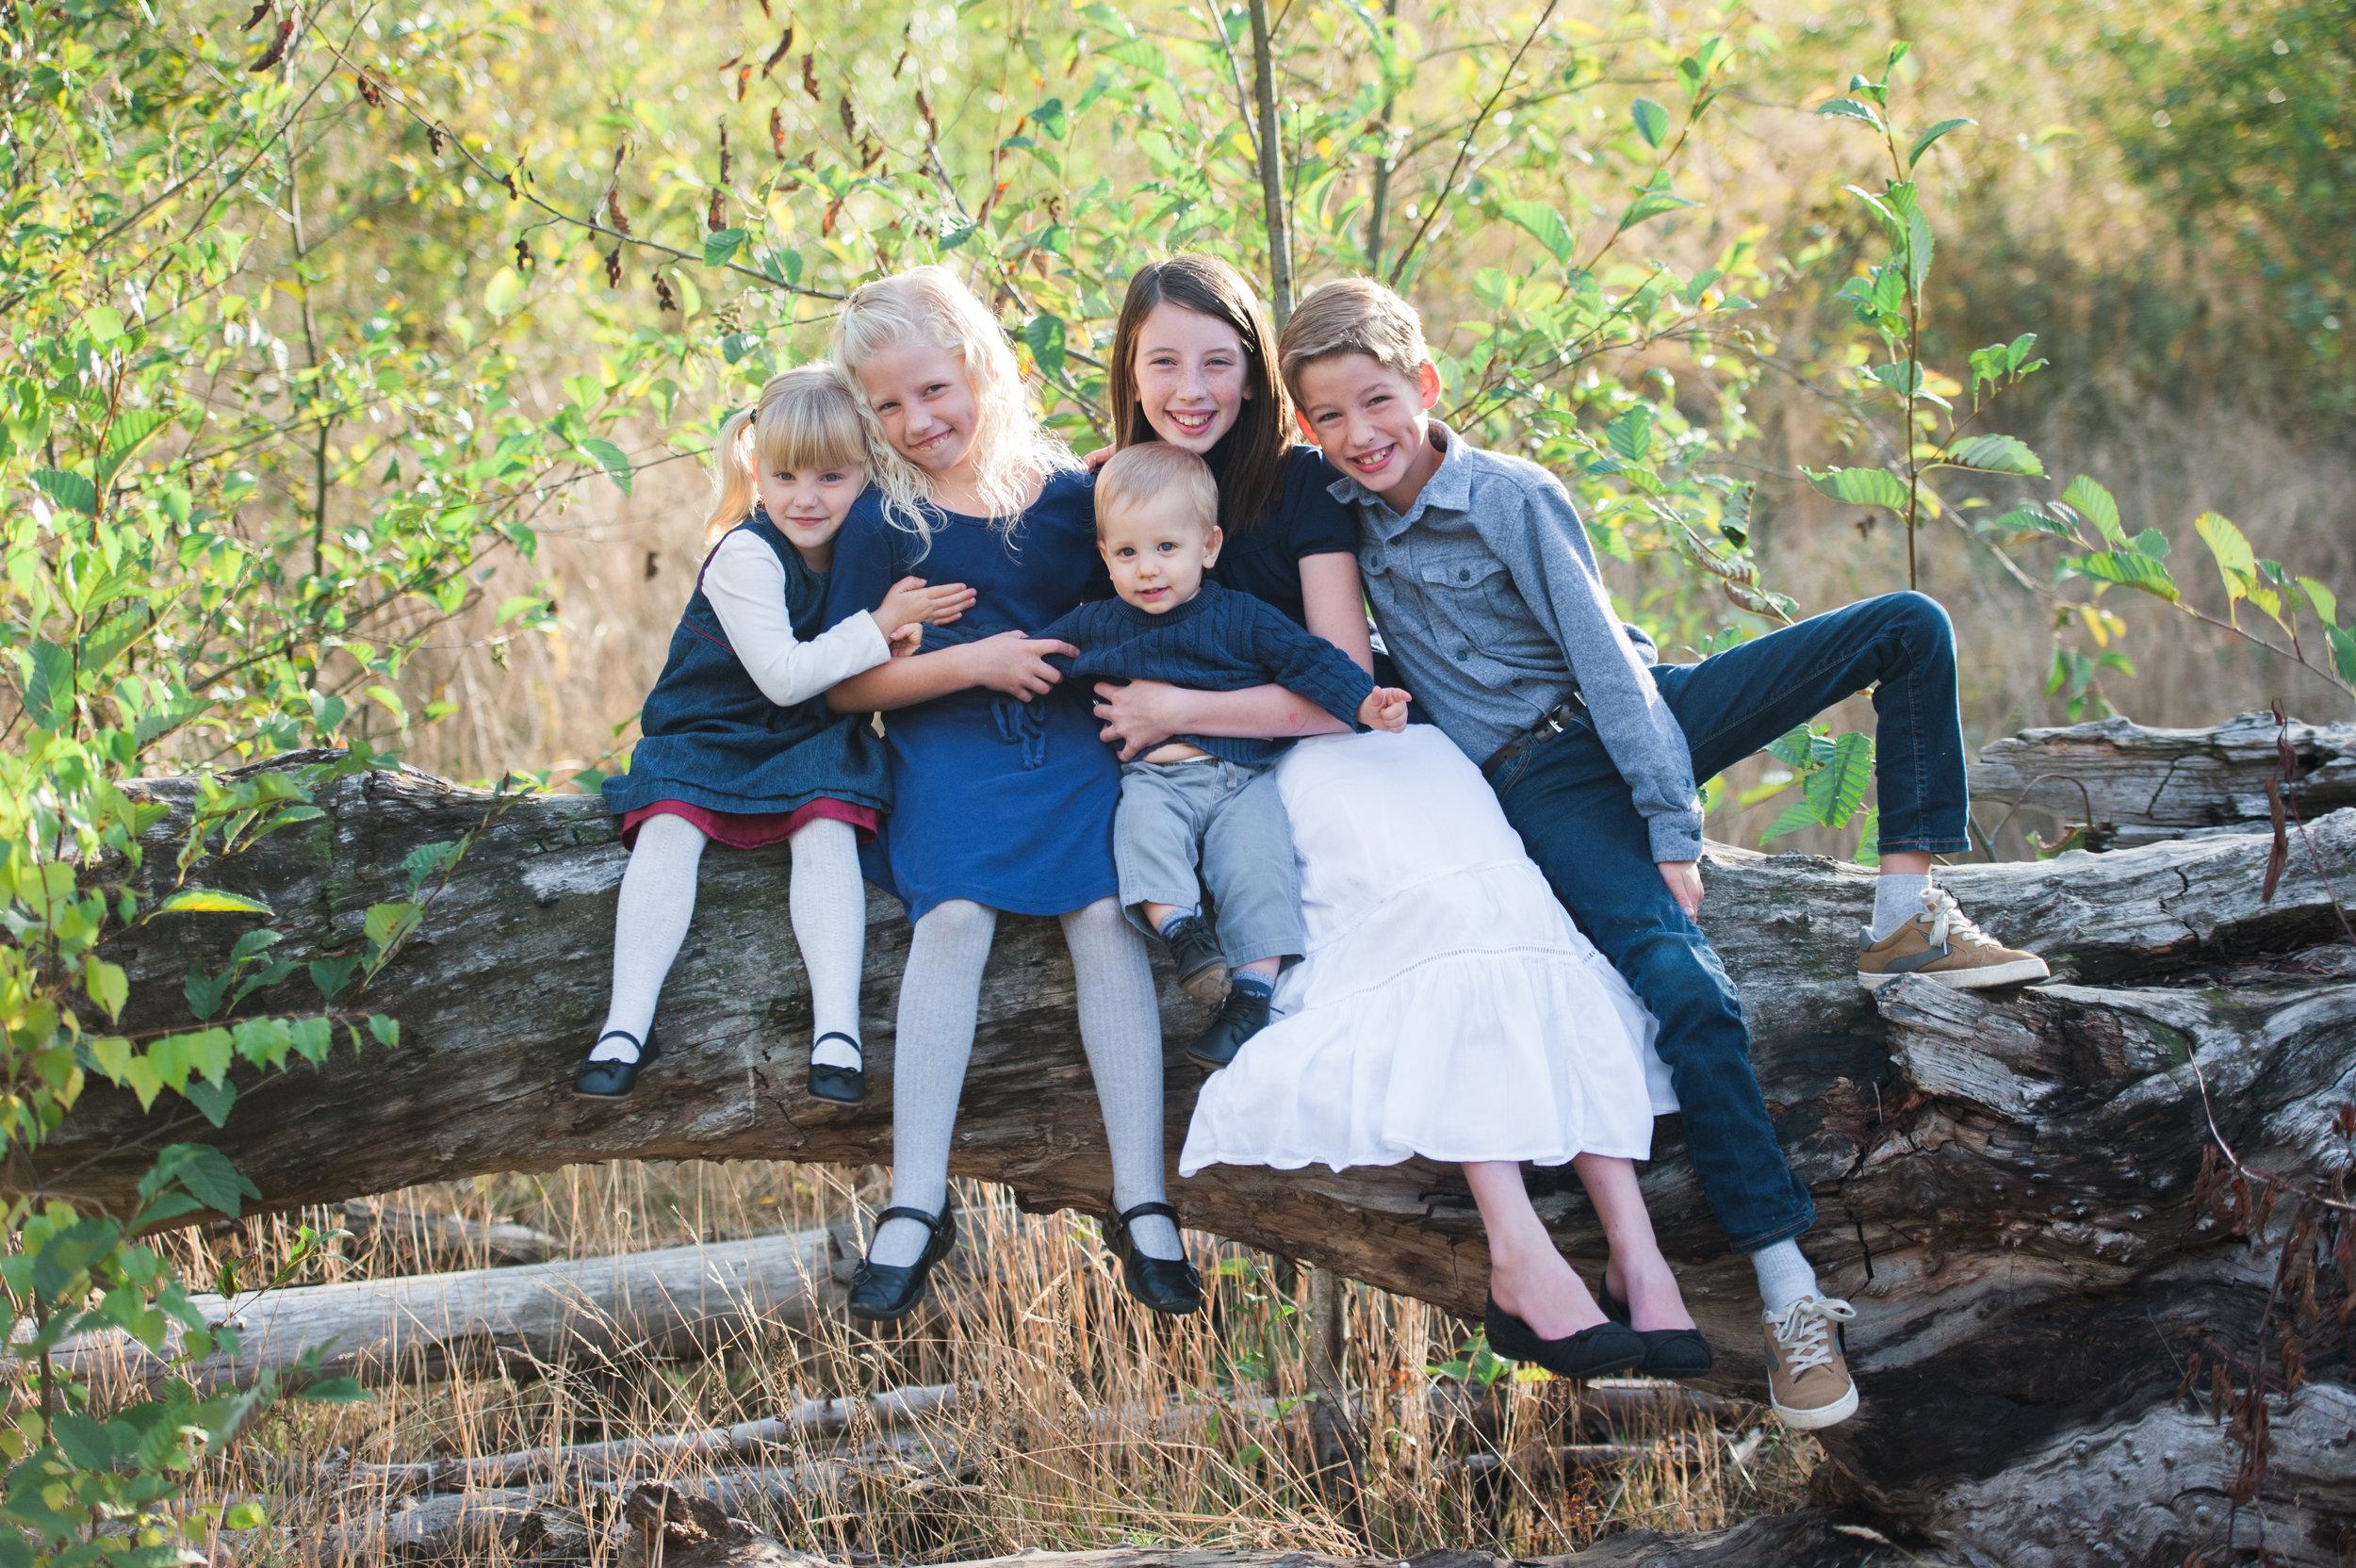 edmonds_family-26.jpg